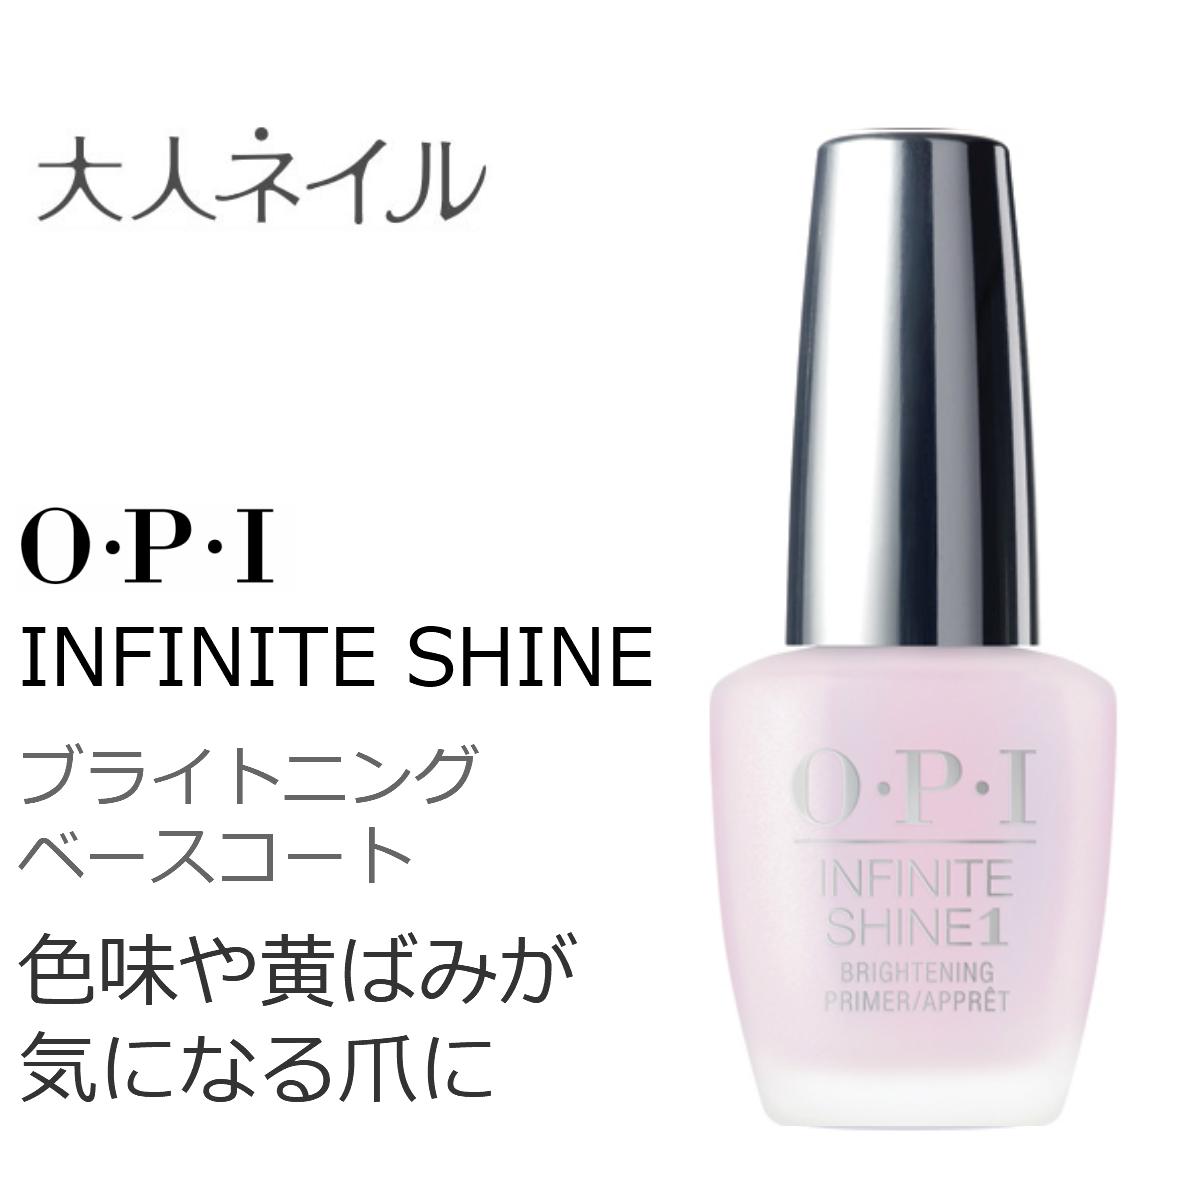 OPI INFINITE SHINE(インフィニット シャイン) IS-T15 ブライトニング ベースコート